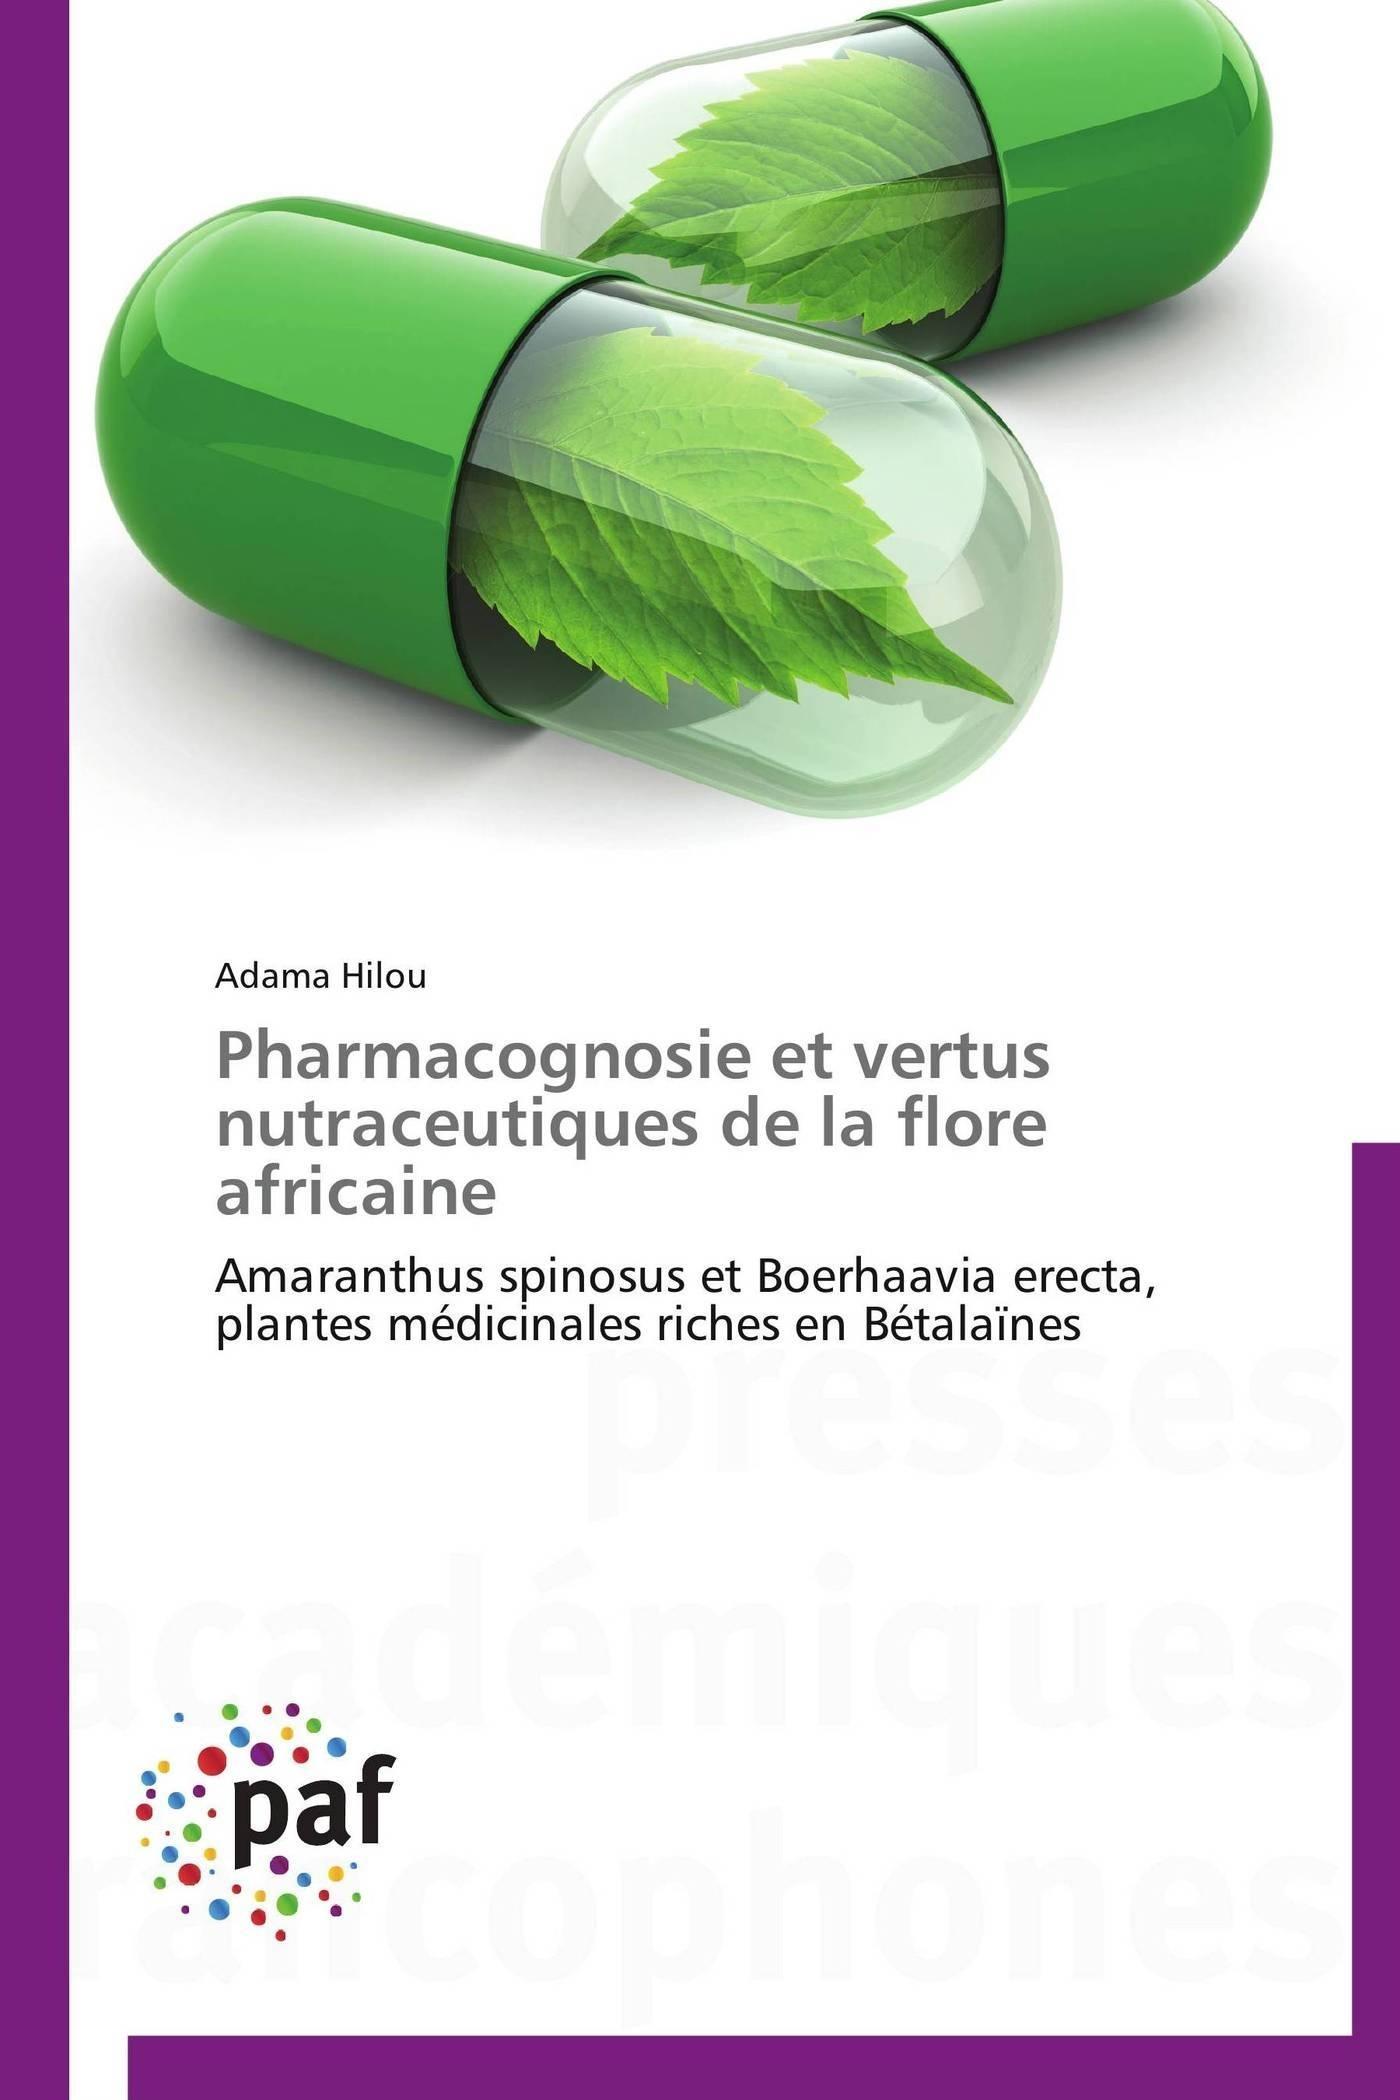 PHARMACOGNOSIE ET VERTUS NUTRACEUTIQUES DE LA FLORE AFRICAINE